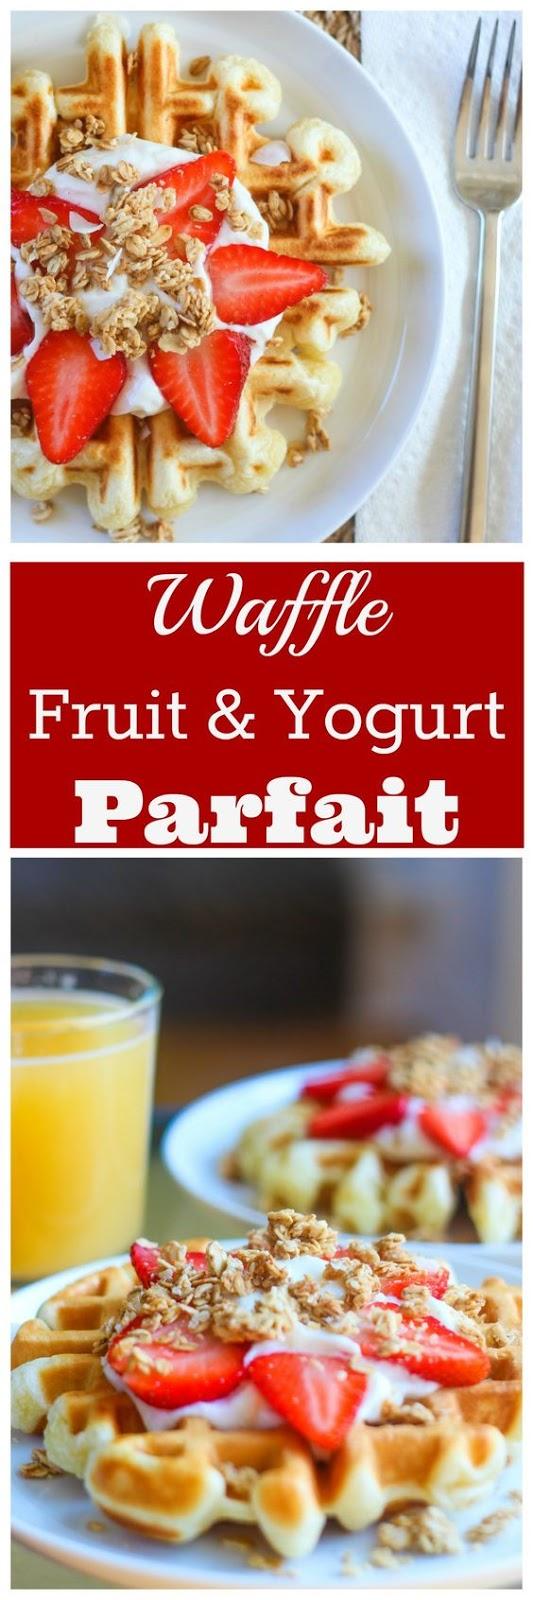 Waffle Yogurt Parfait